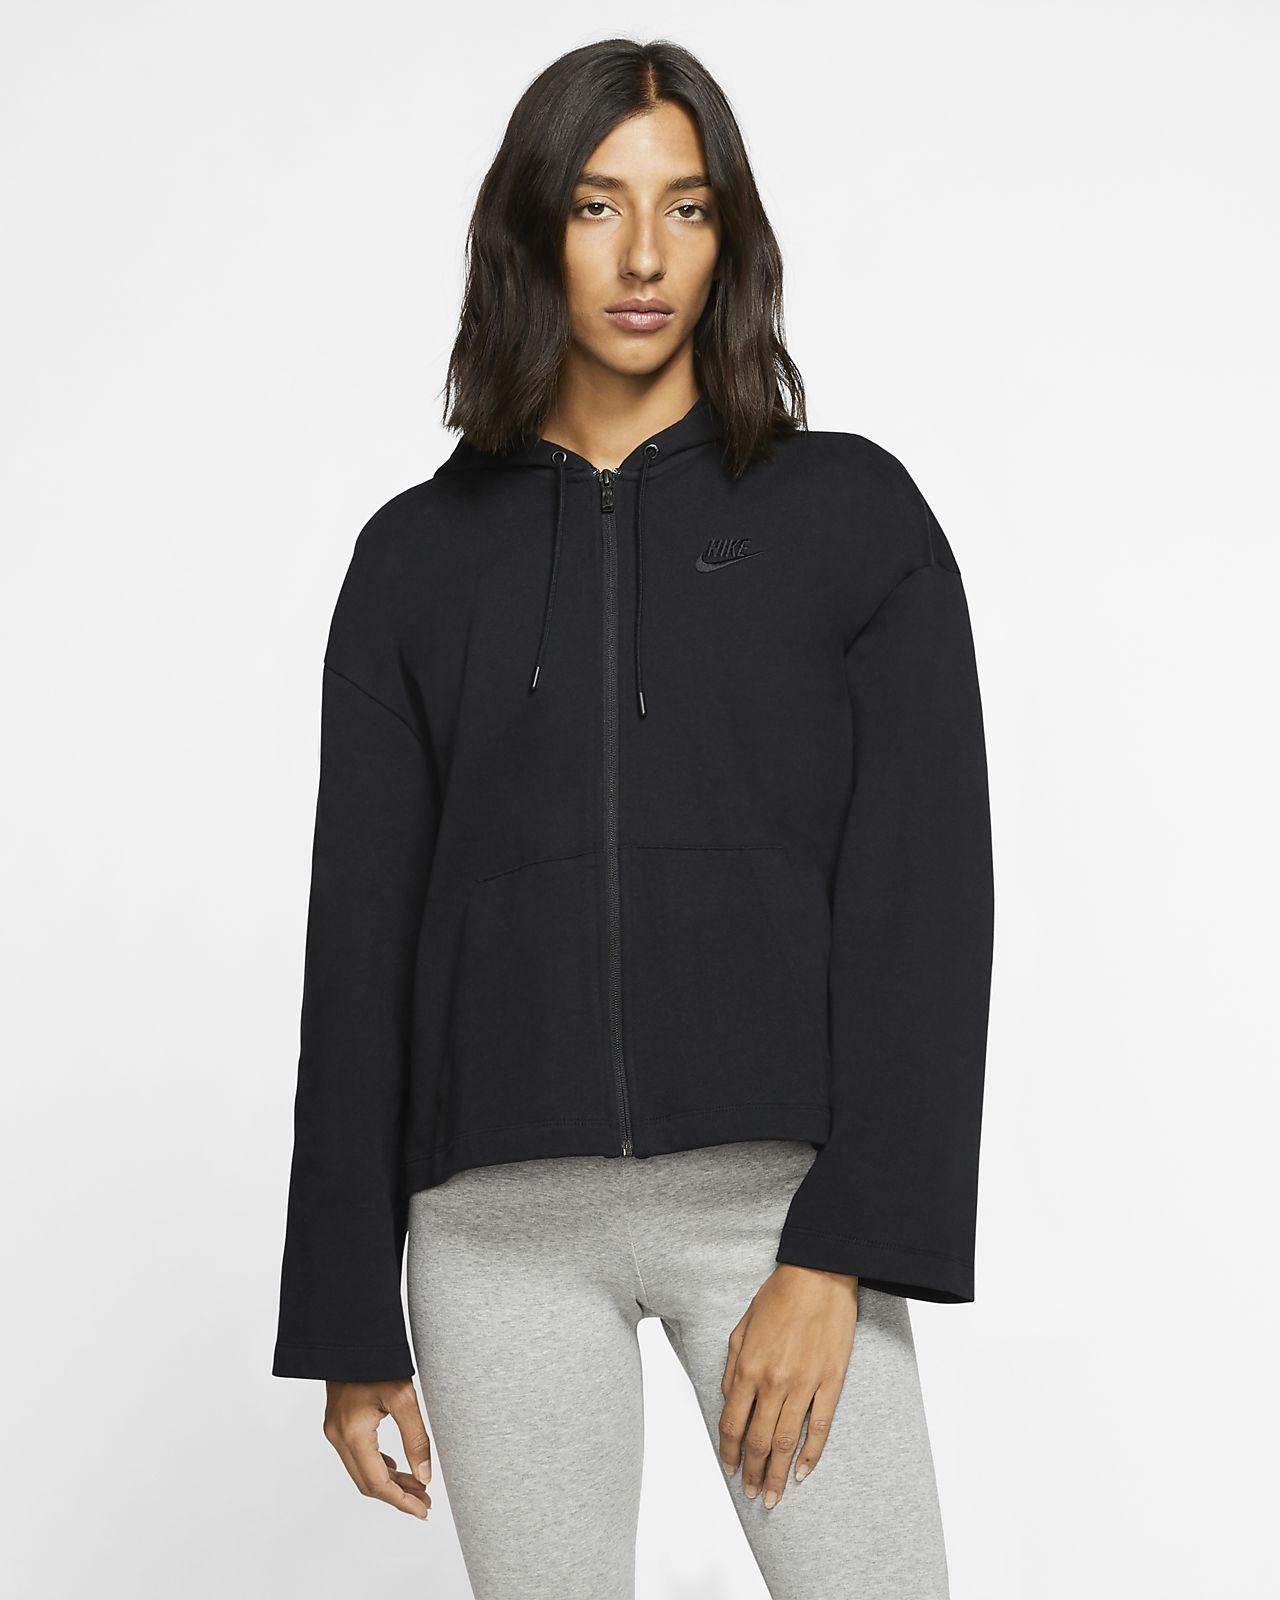 Nike Sportswear Damen Hoodie mit durchgehendem Reißverschluss